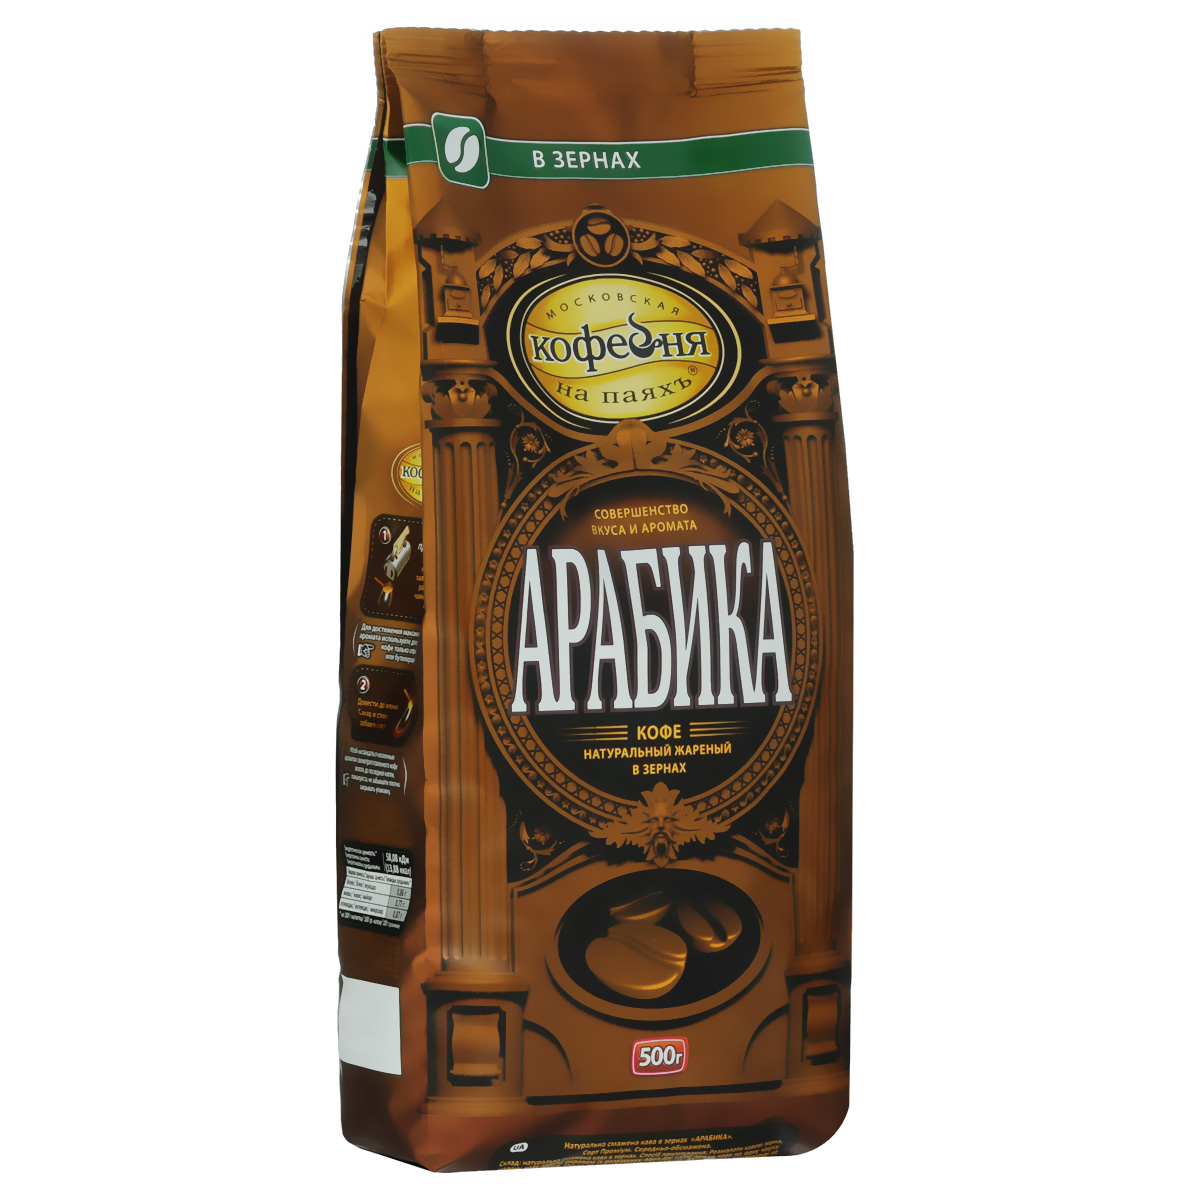 Московская кофейня на паяхъ Арабика кофе в зернах, 500 г101246Кофе натуральный жареный в зернах Московская кофейня на паяхъ Арабика. Приготовлен исключительно из премиальных сортов Арабики. Традиционная обжарка придает насыщенный мягкий вкус с приятной кислинкой и чистый натуральный аромат настоящего кофе. Специальный клапан на пакете гарантирует сохранение вкуса и аромата свежеобжаренного кофе.